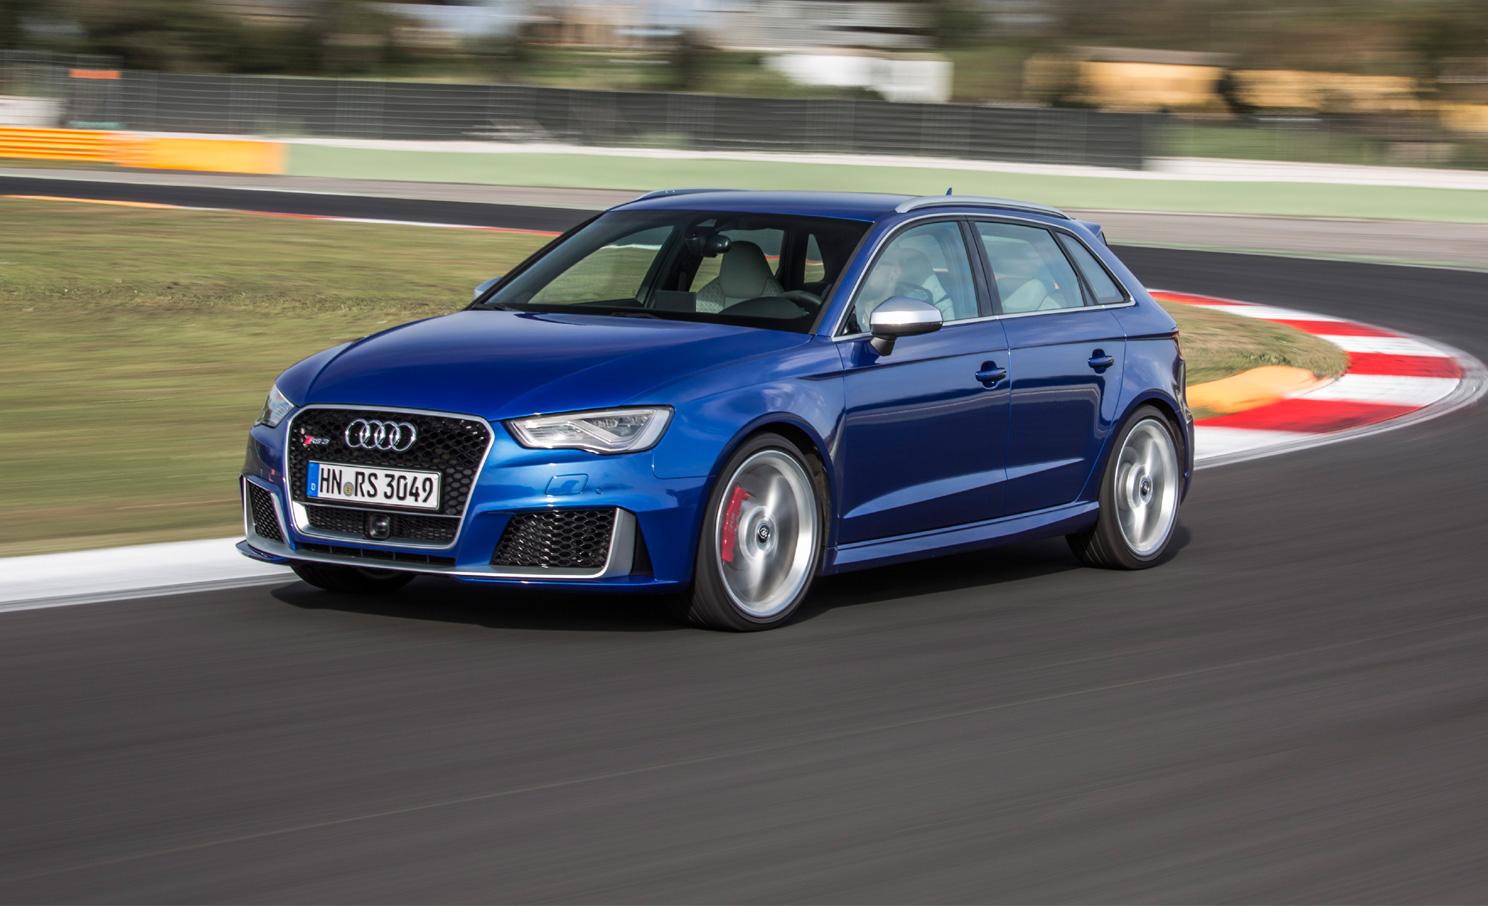 Kelebihan Kekurangan Audi Rs3 2016 Perbandingan Harga